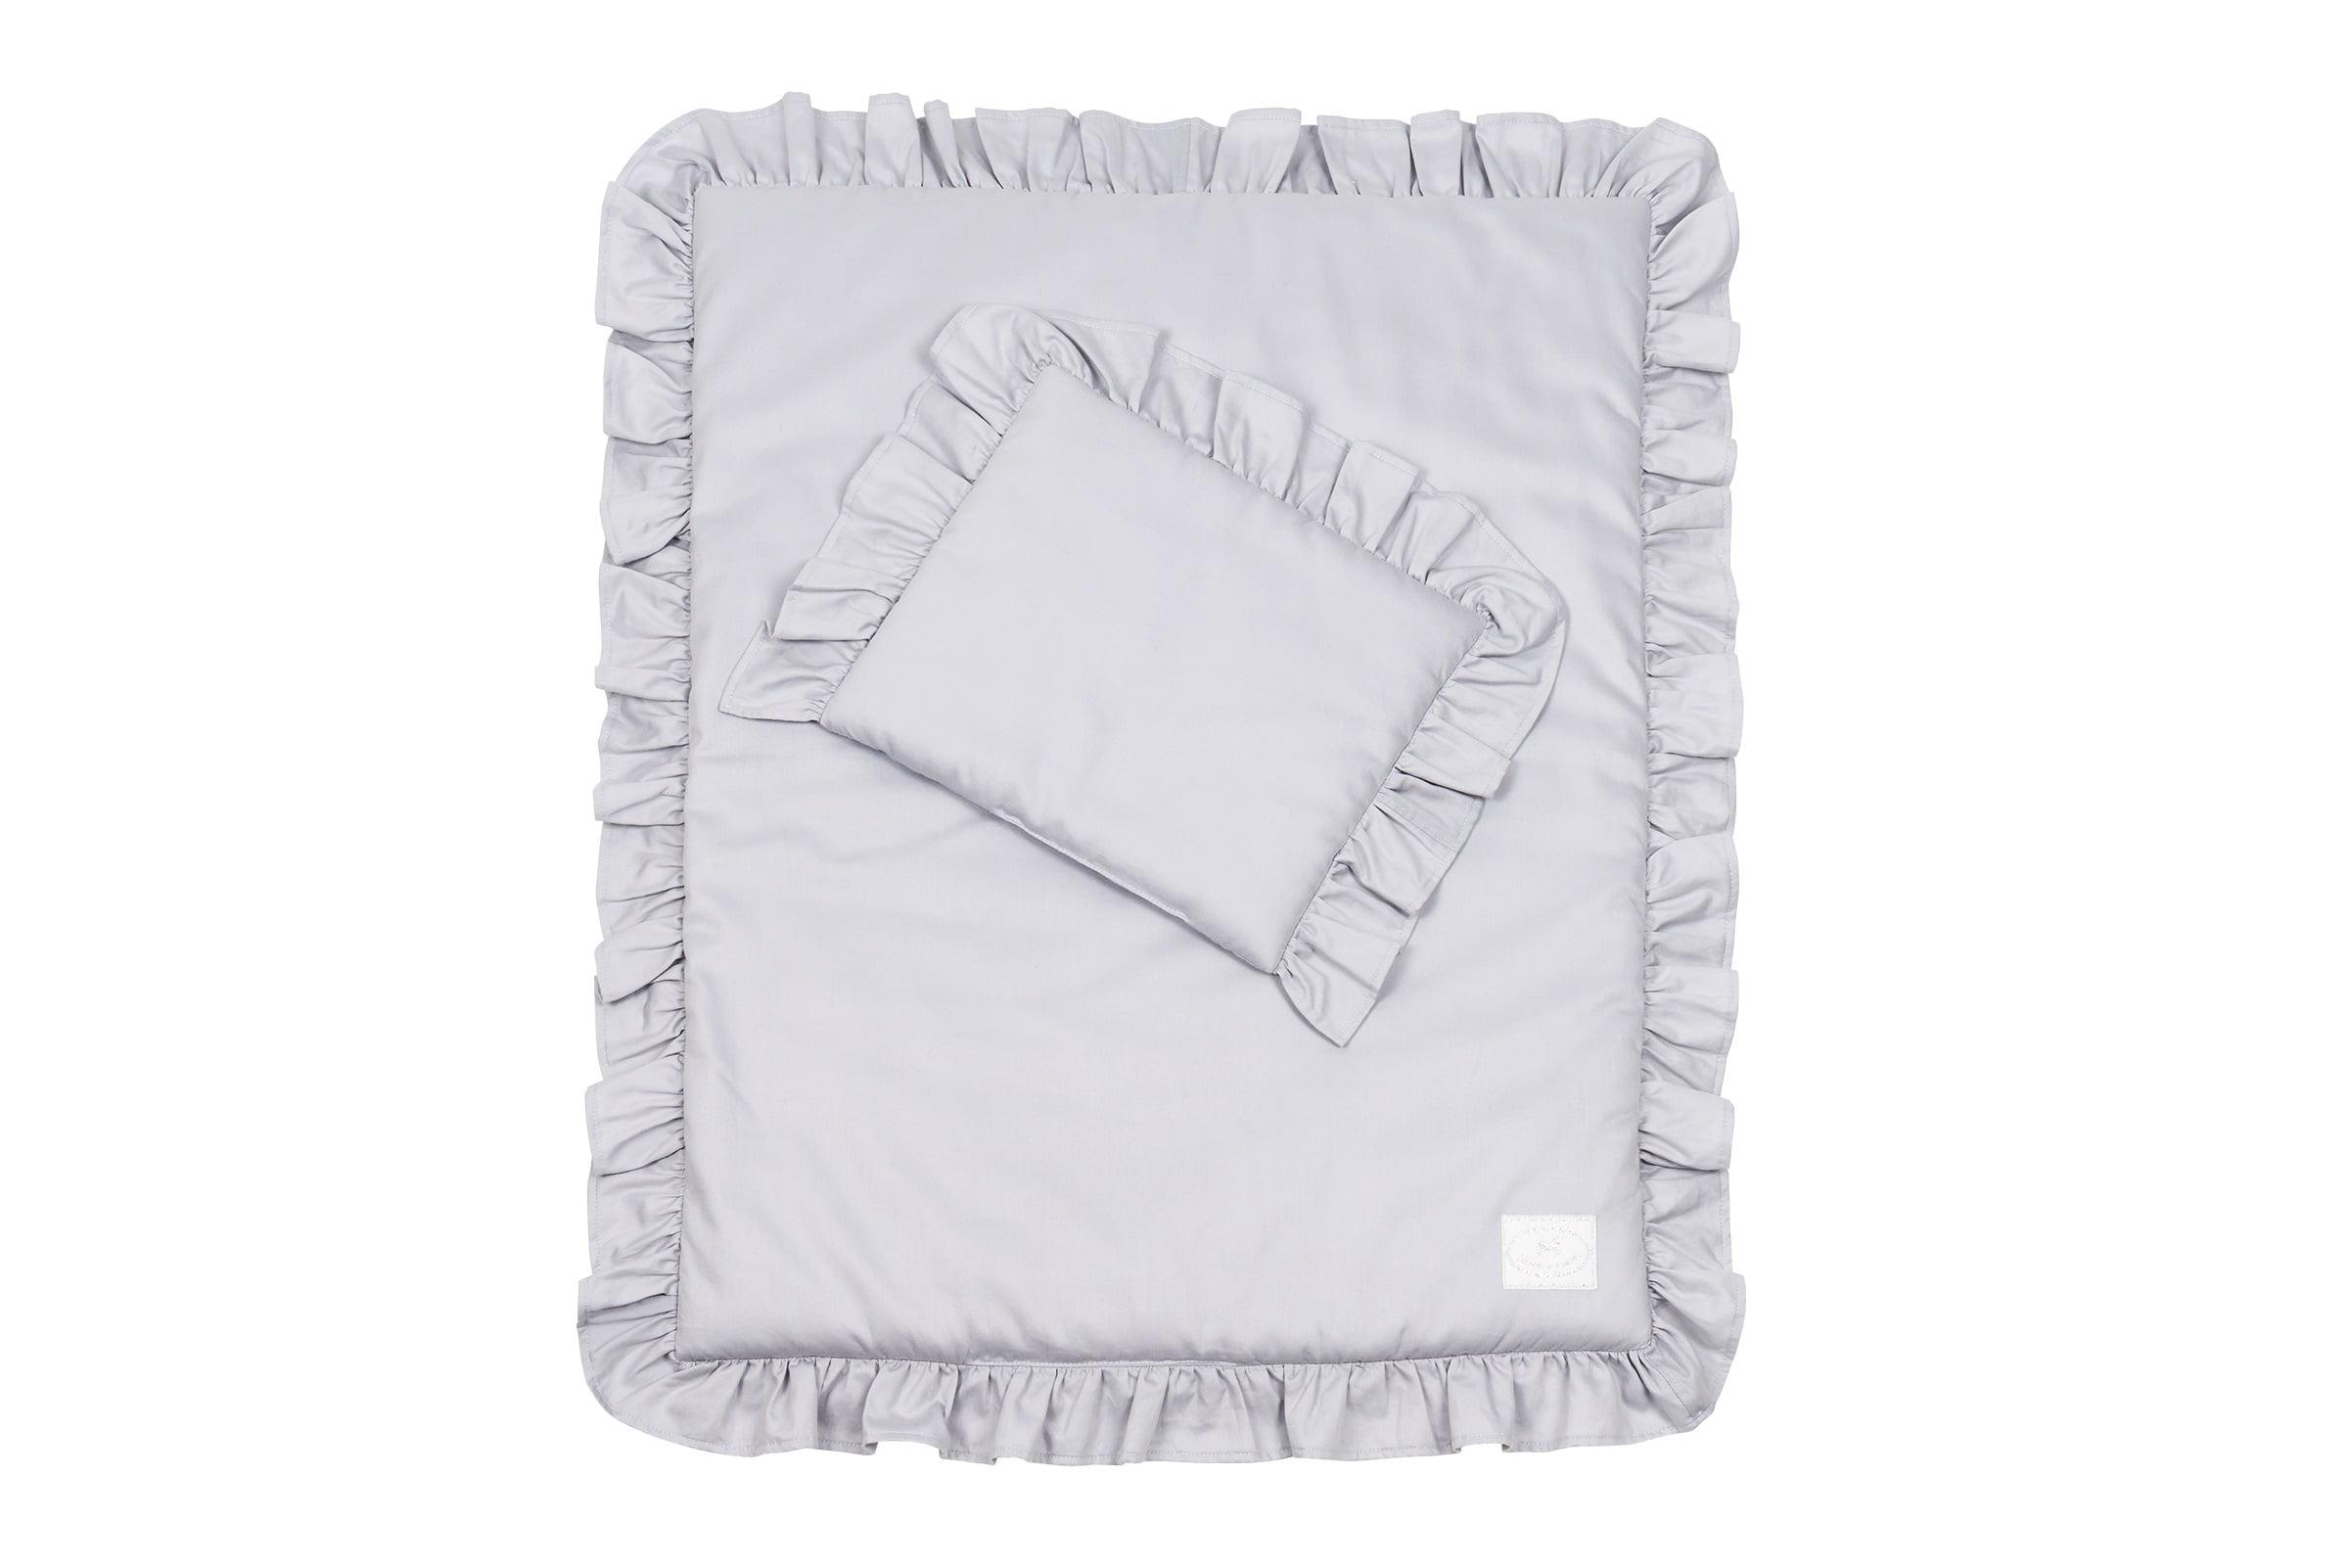 postelna-bielizen-newborn-3-dadaboom-sk